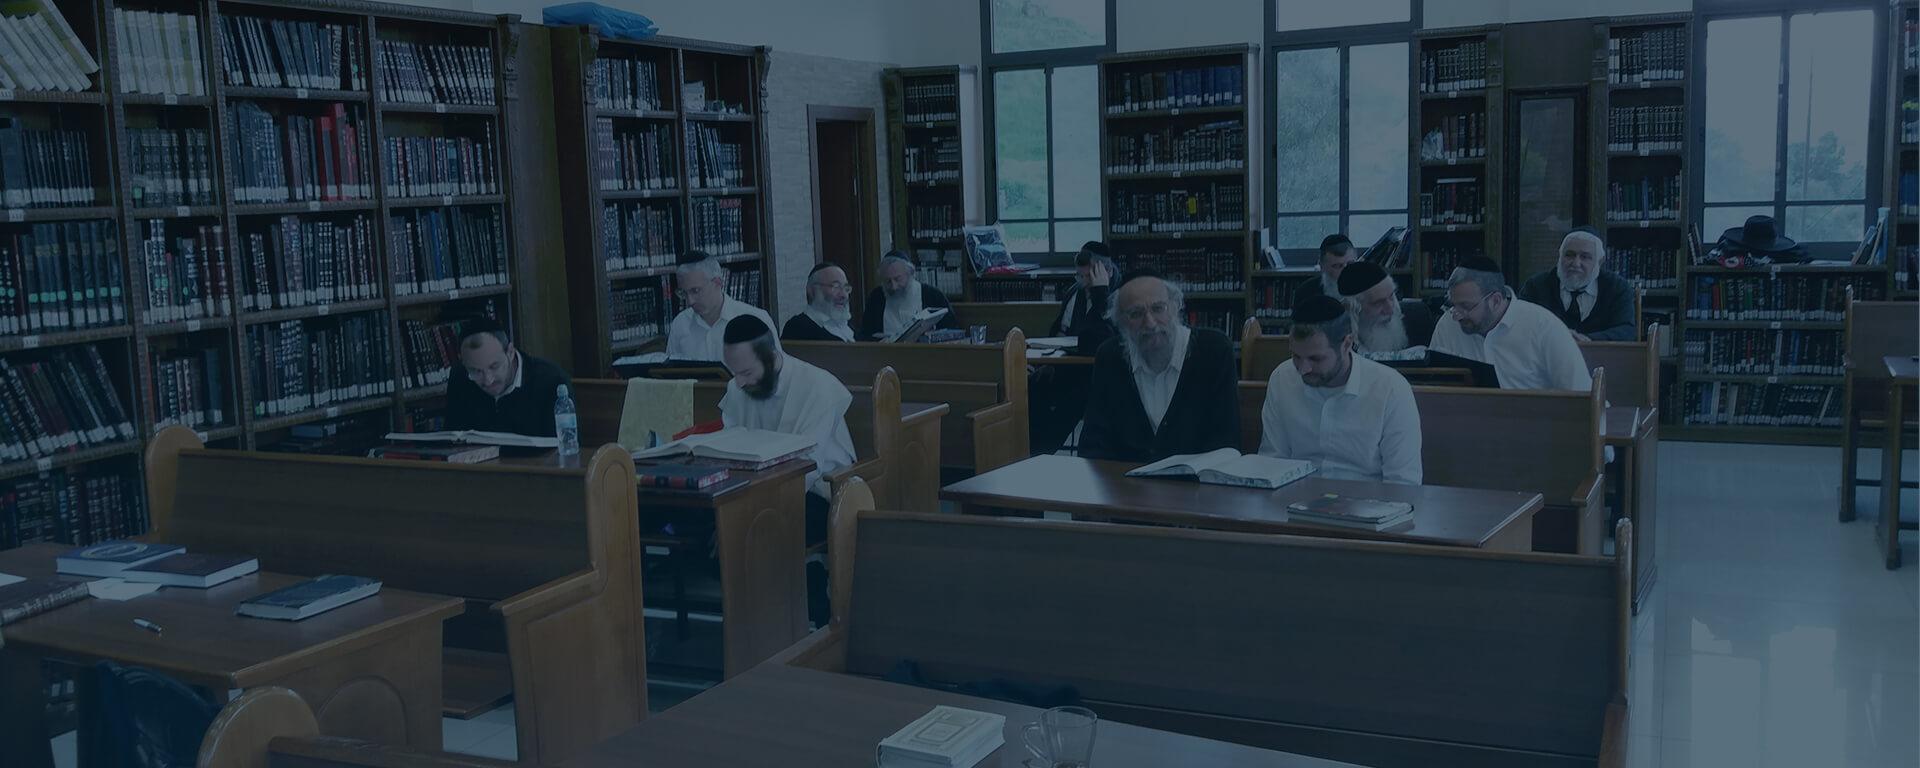 YESHIVA-SECTION5